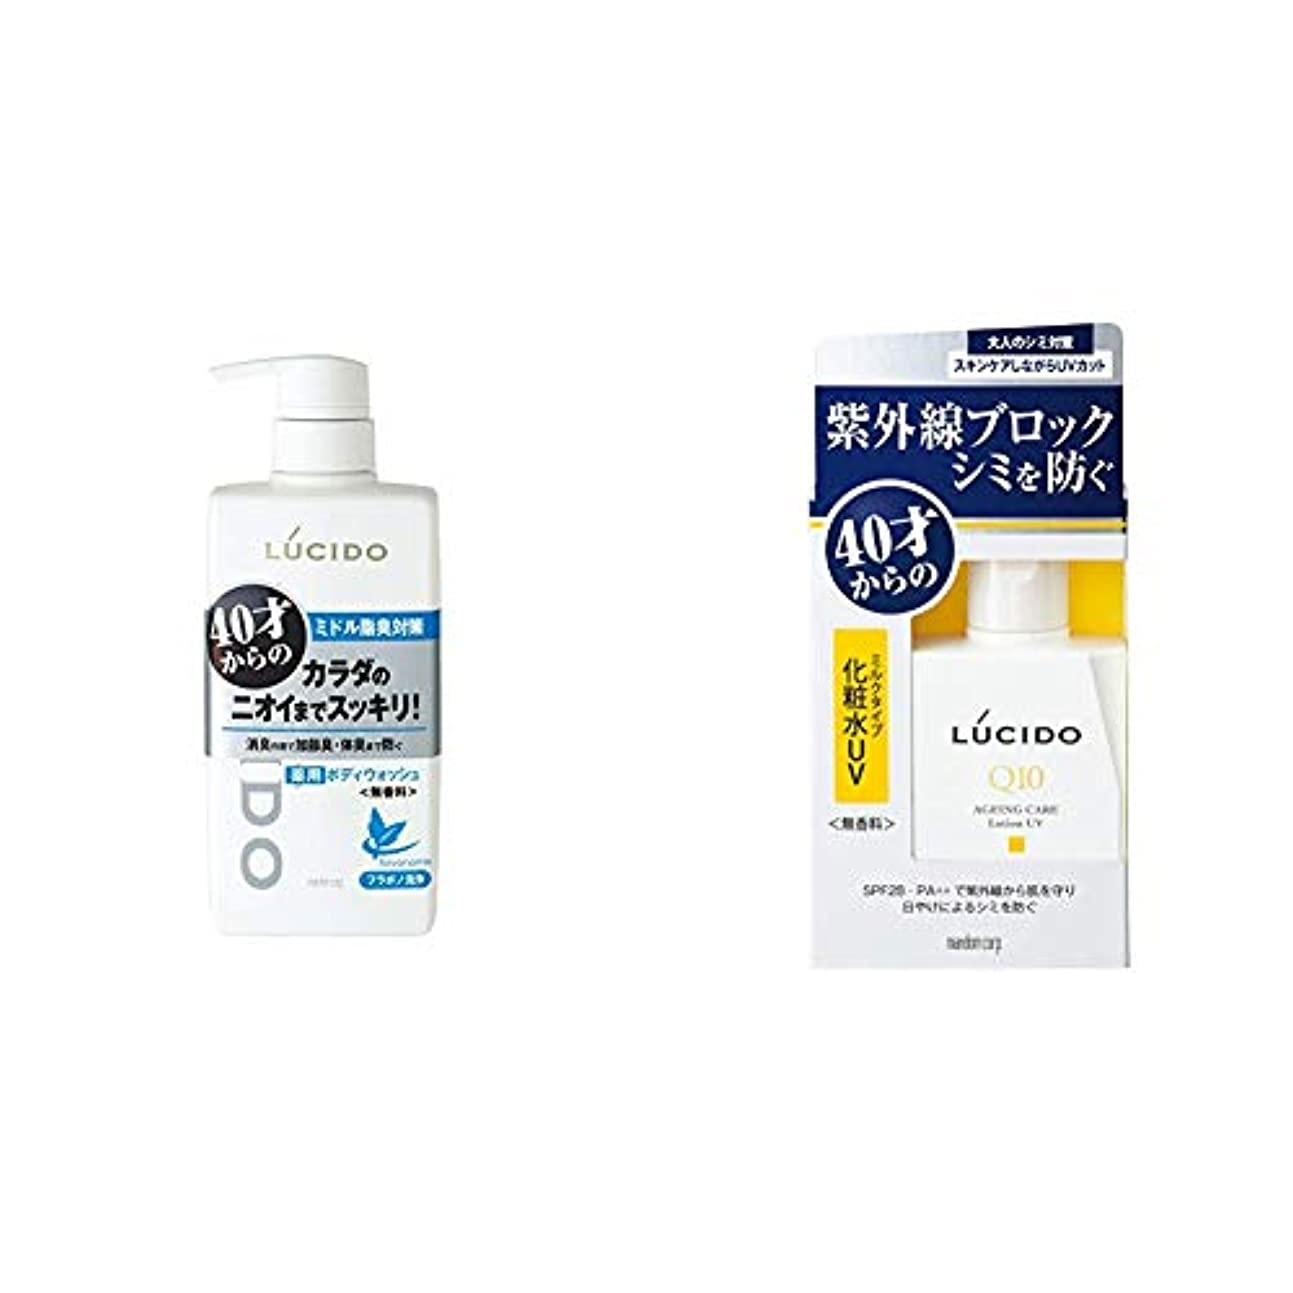 スポット踏みつけコテージルシード 薬用デオドラントボディウォッシュ 450mL (医薬部外品) & 薬用 UVブロック化粧水 (医薬部外品)100ml